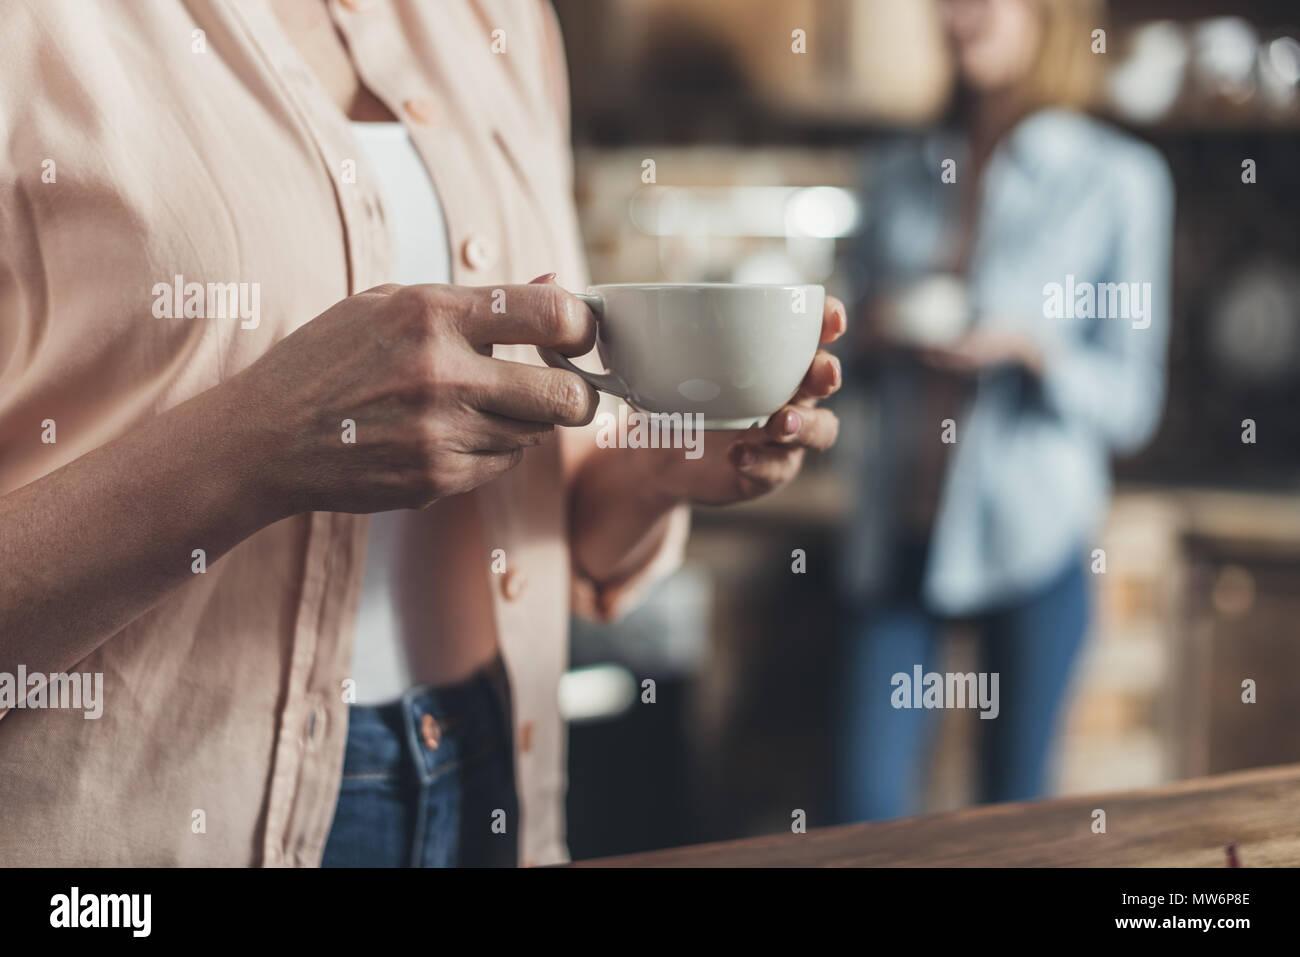 Image rognée, section centrale de personne holding Coffee cup, debout dans la cuisine Photo Stock